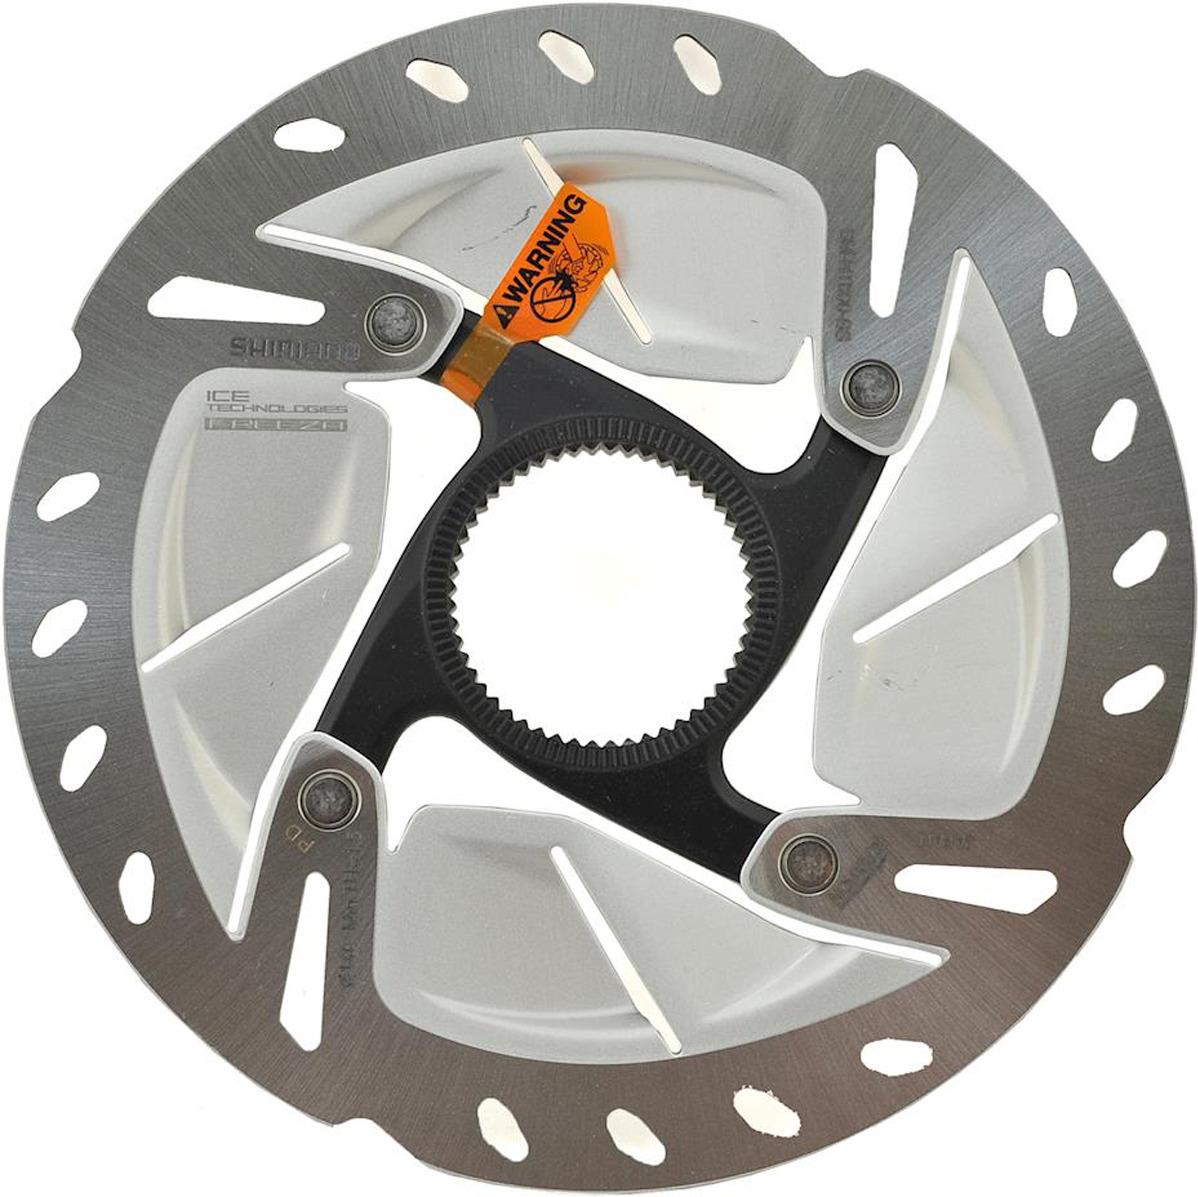 Тормозной диск для велосипела Shimano RT800, 140 мм, C.Lock, с lock ring, ISMRT800SS запчасть shimano mt15 29 c lock